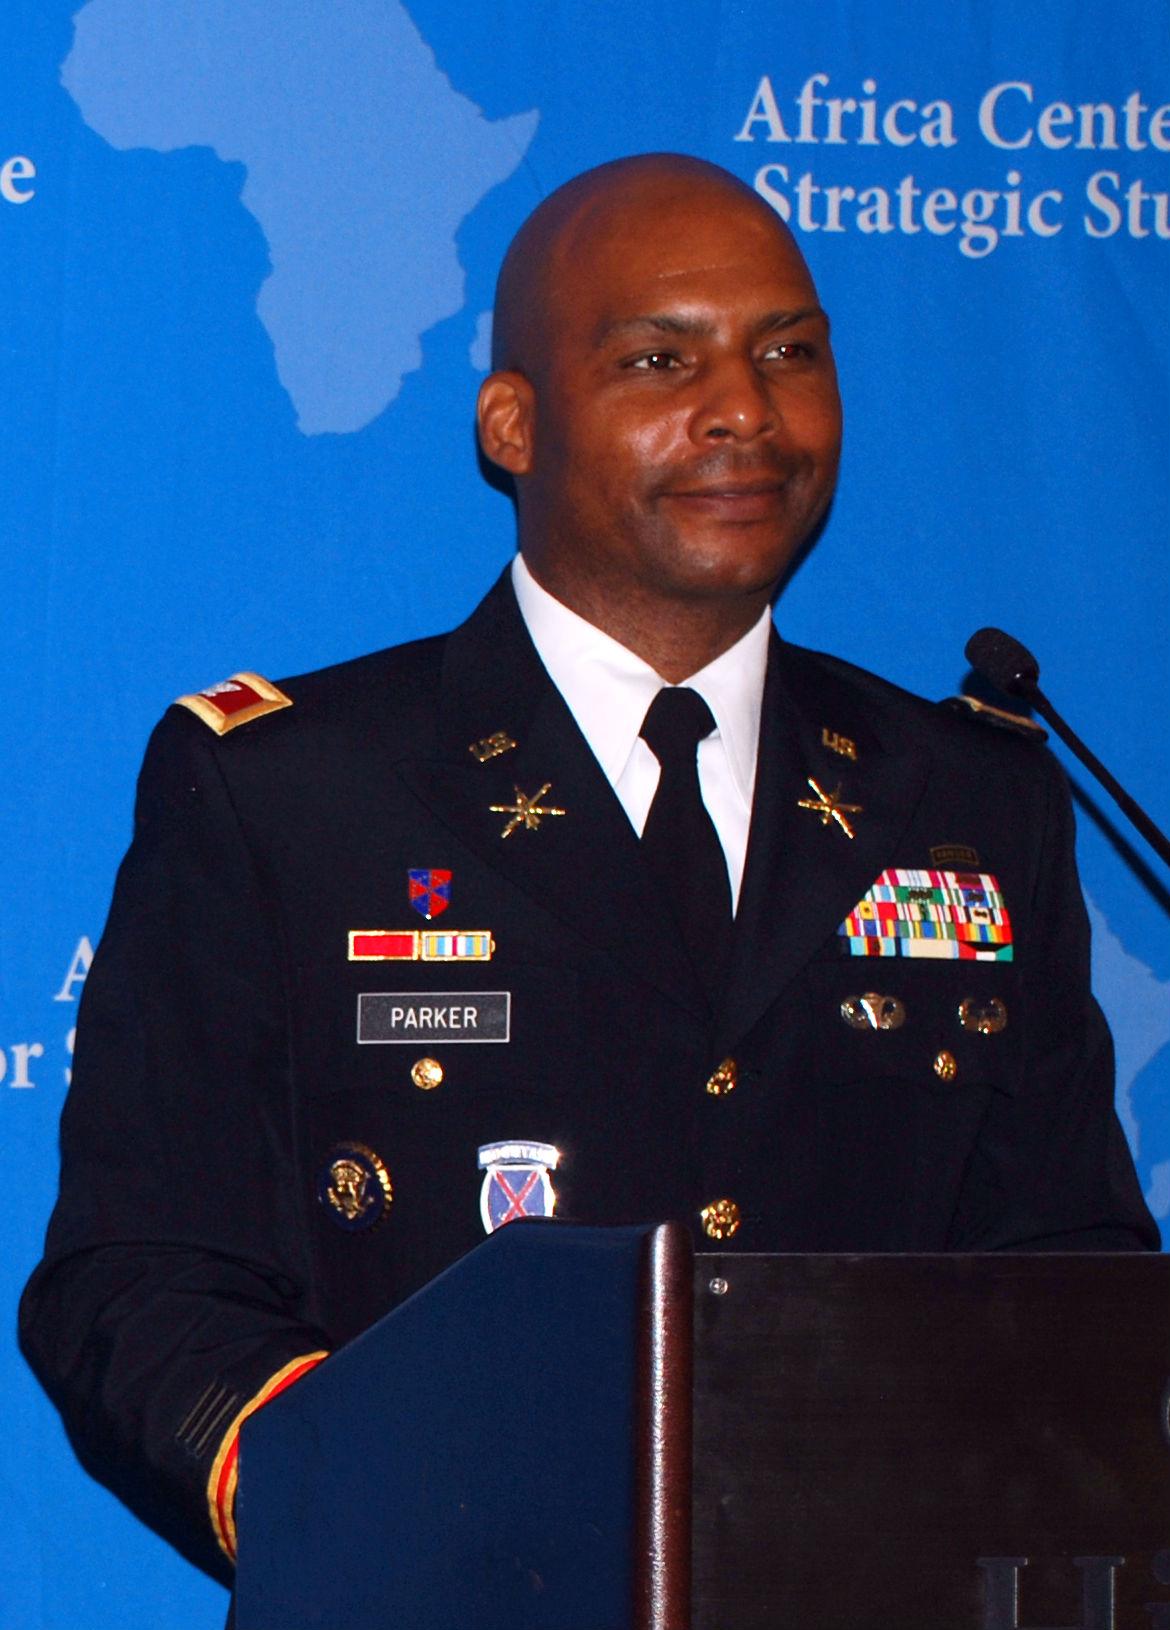 Col. Steven Parker